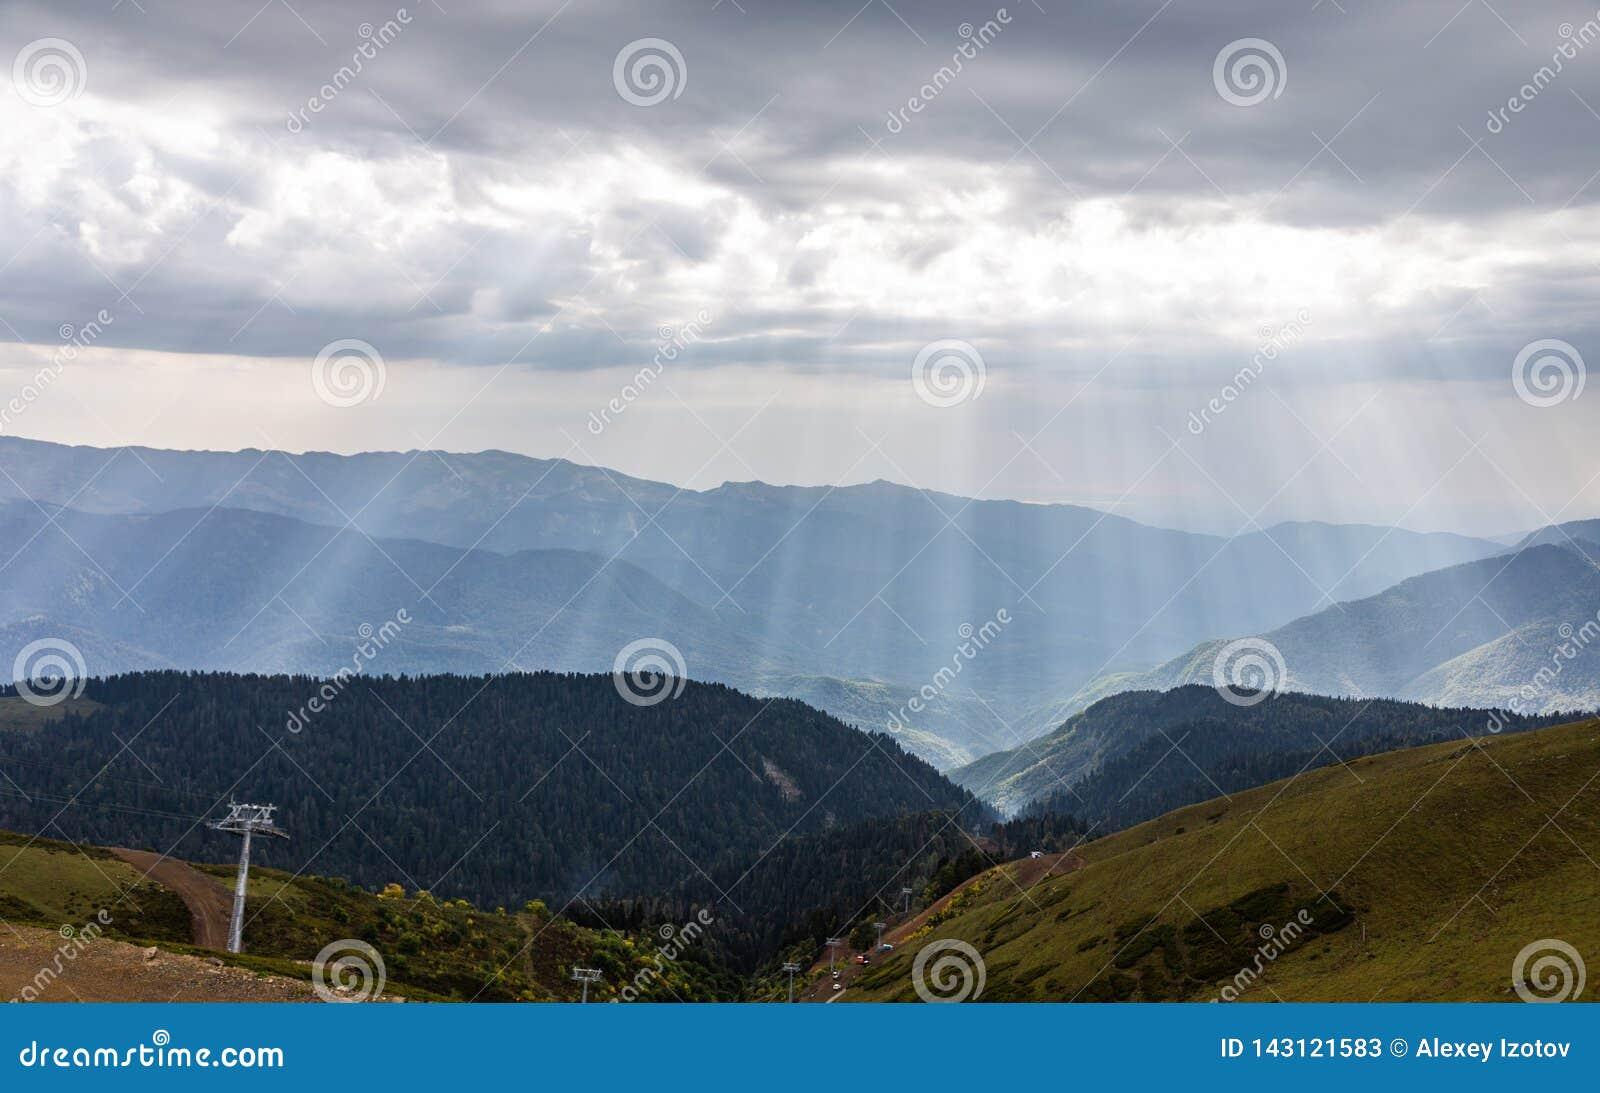 与击穿通过他们的雷雨云和太阳光芒,克拉斯诺达尔地区,俄罗斯的剧烈的天空